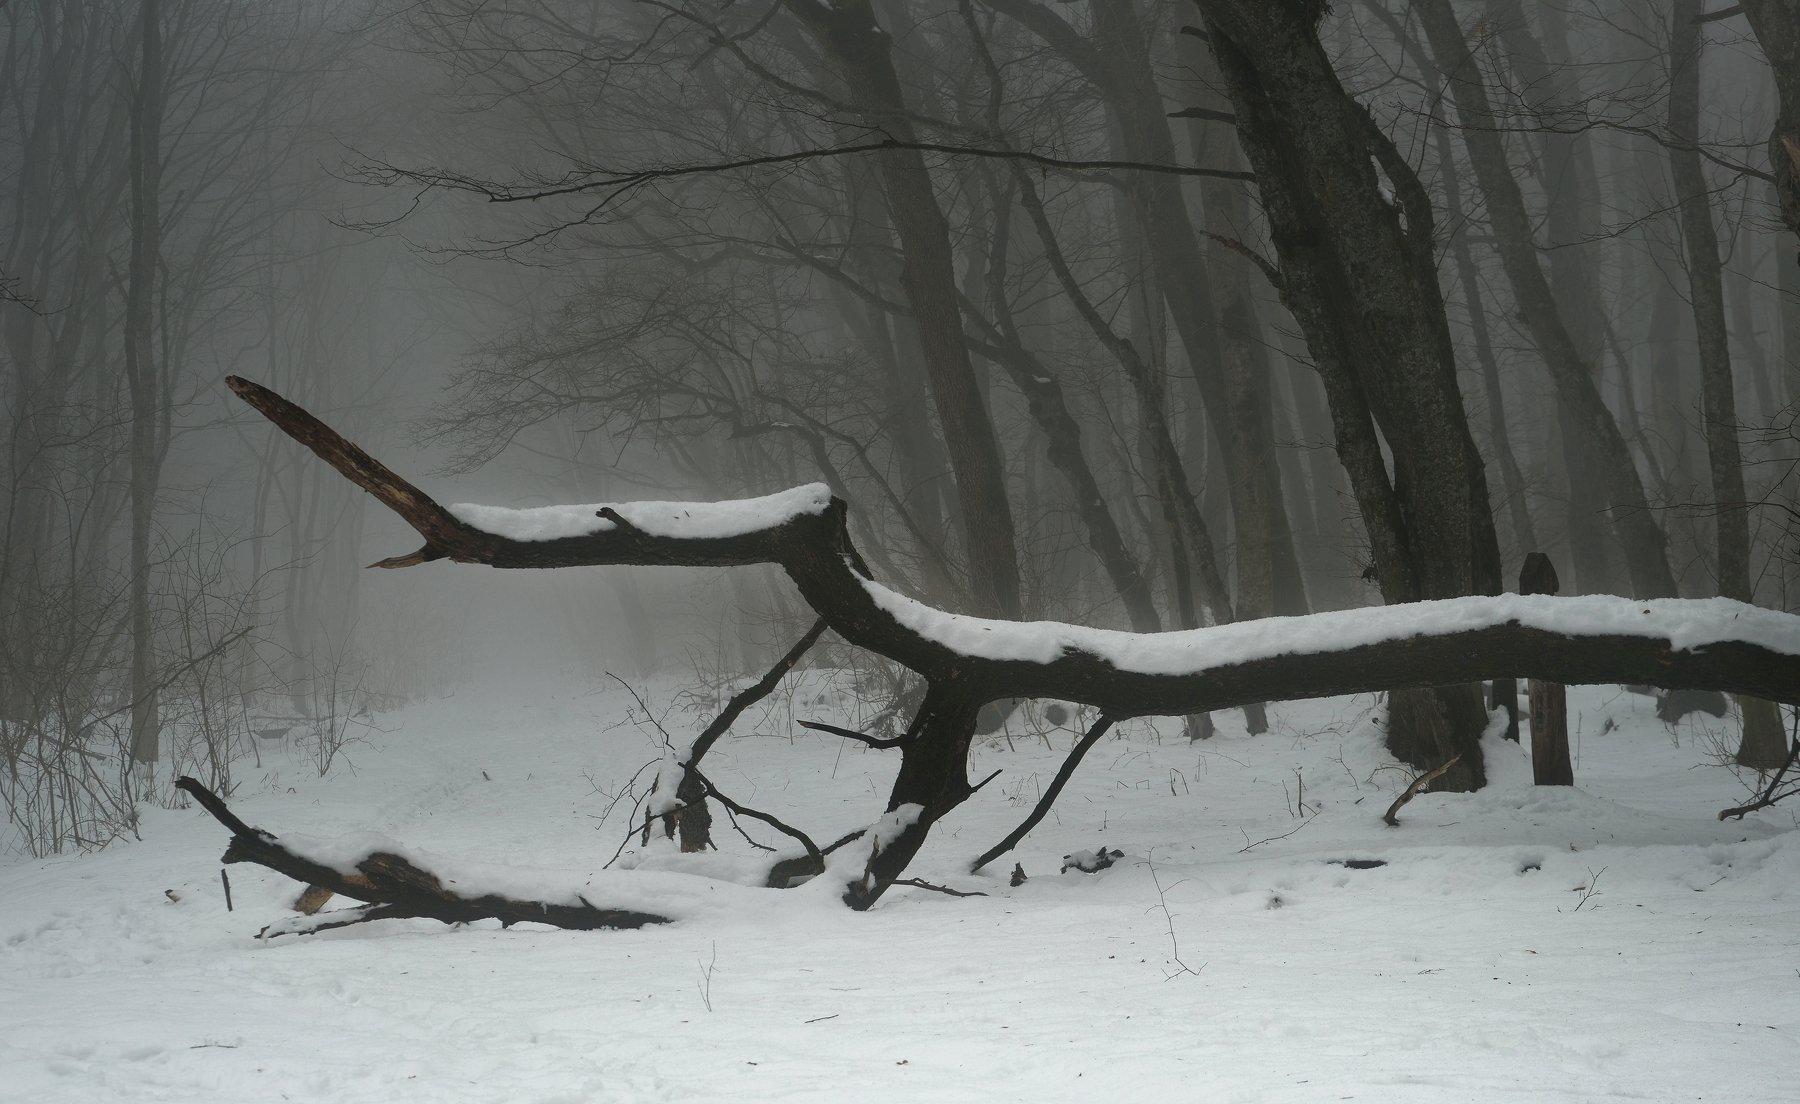 зима лес туман, Александр Жарников